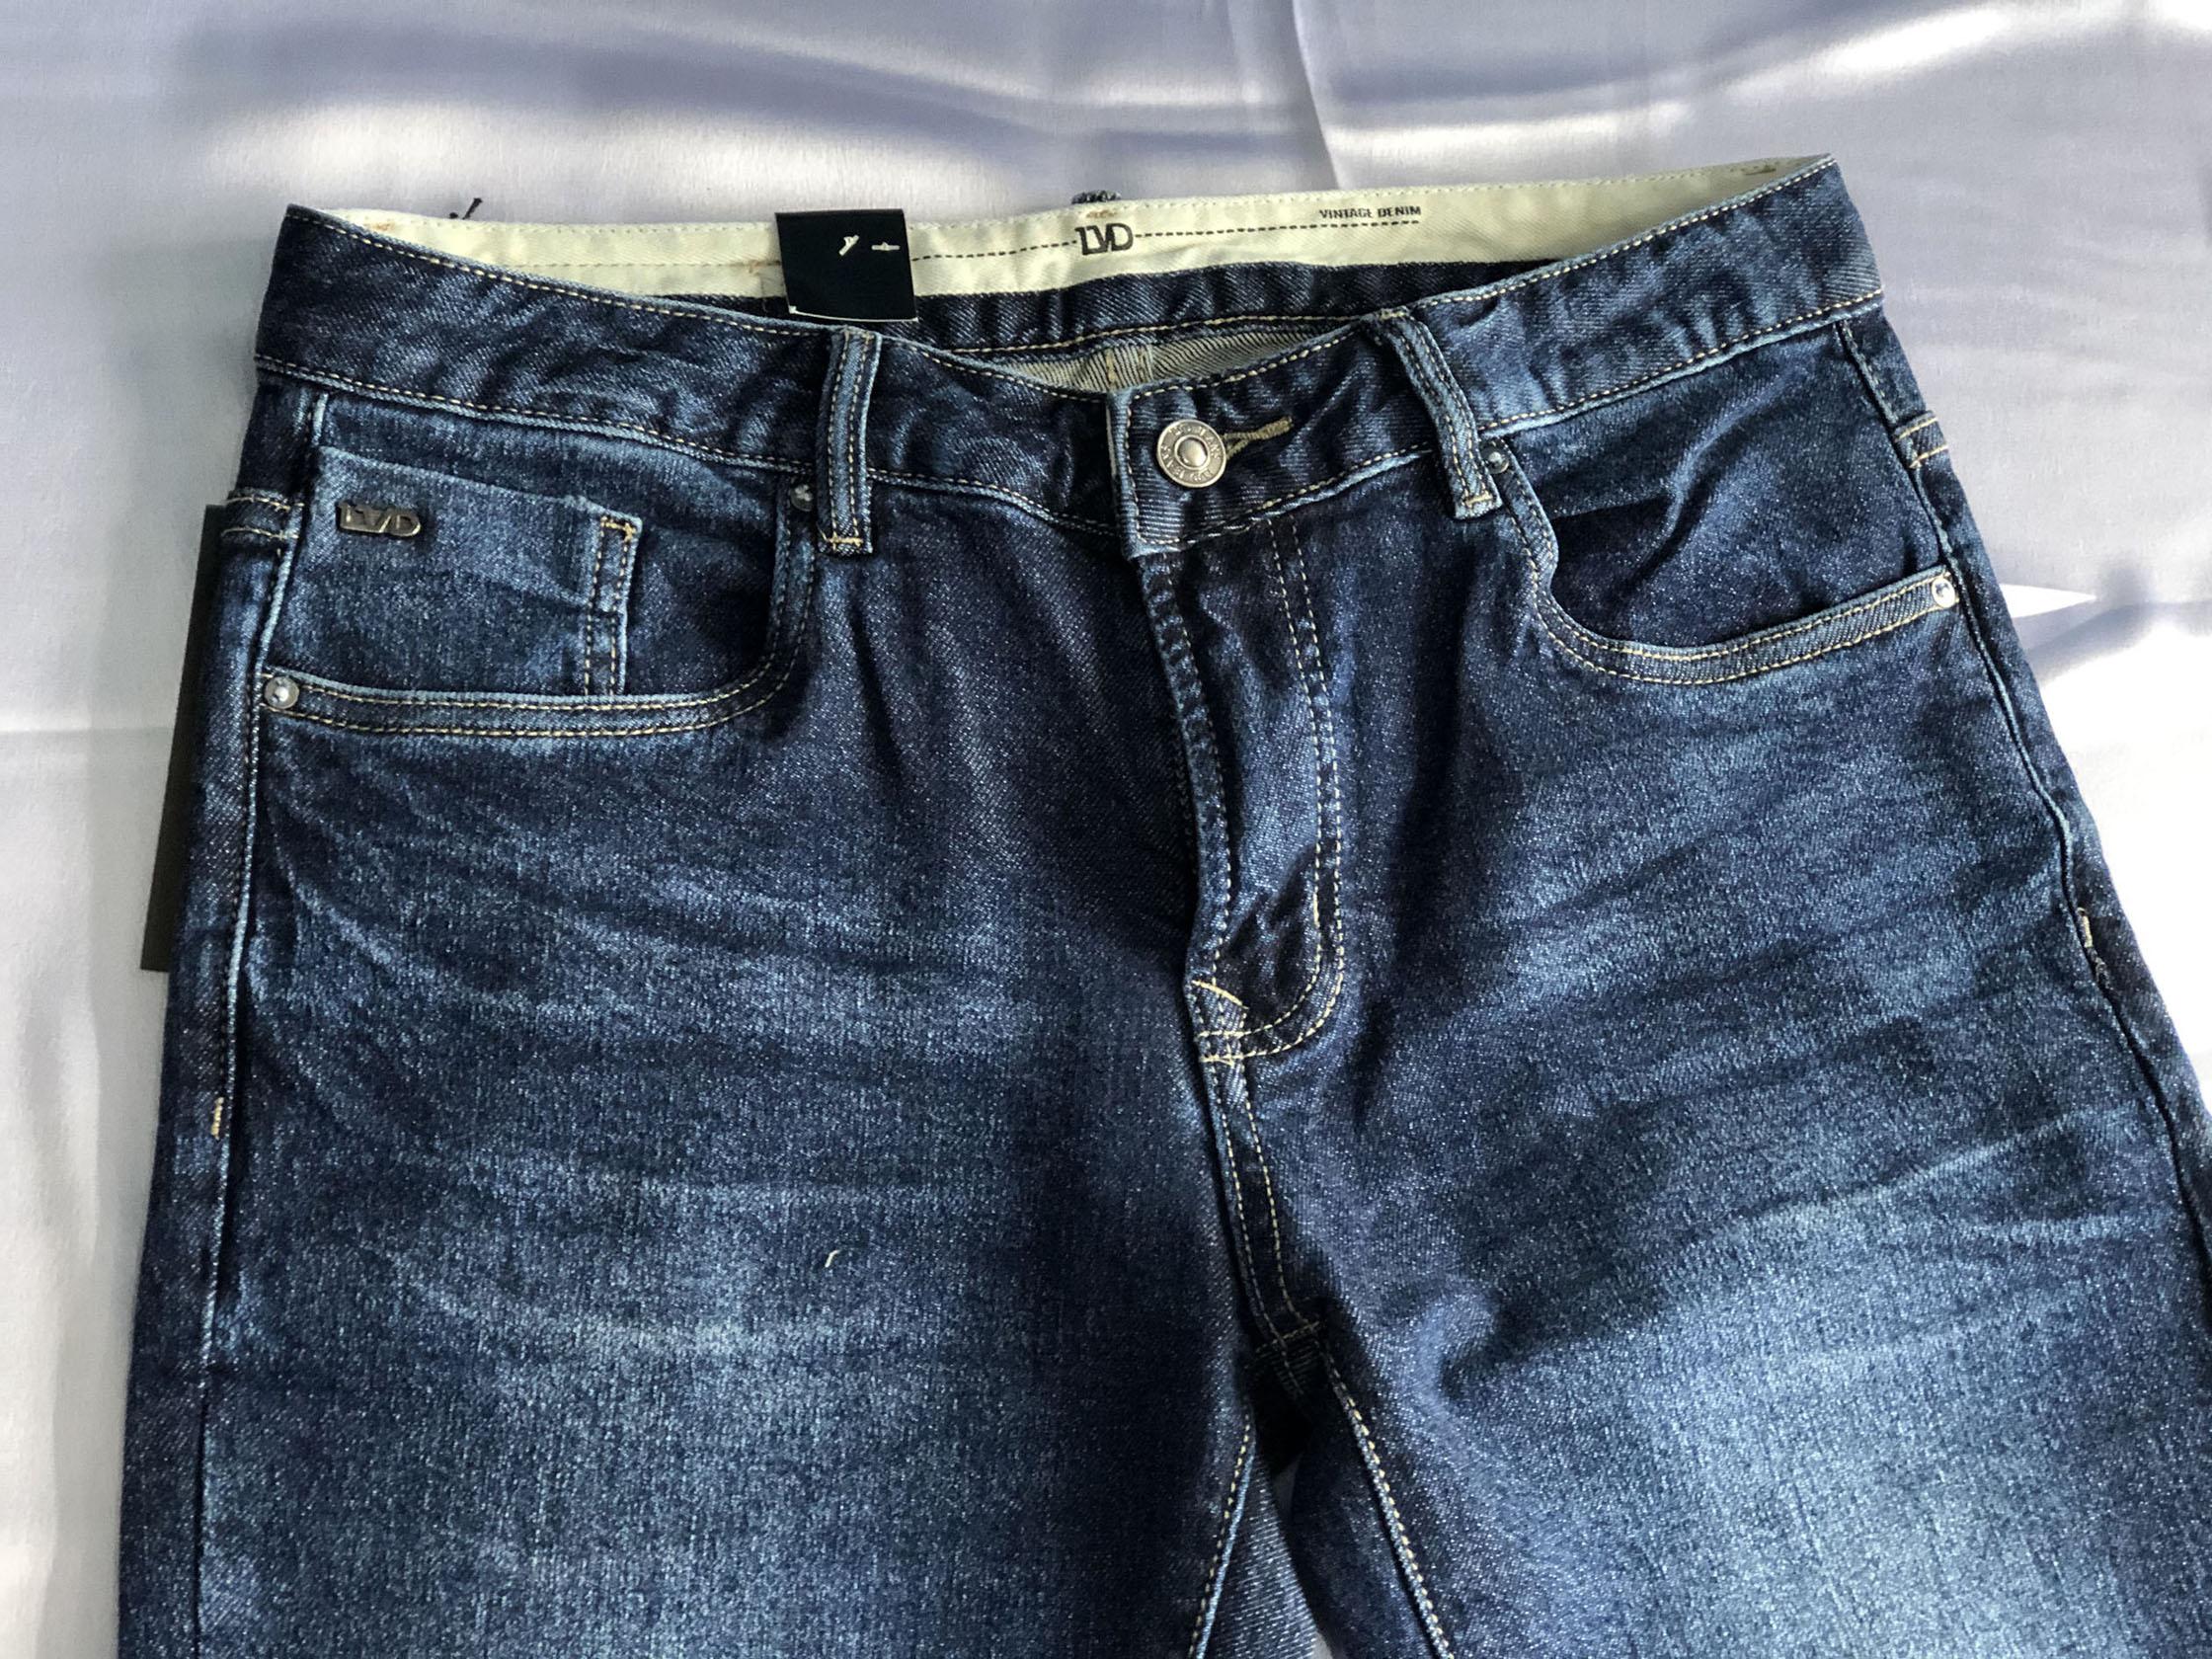 LVD Jeans Skinny